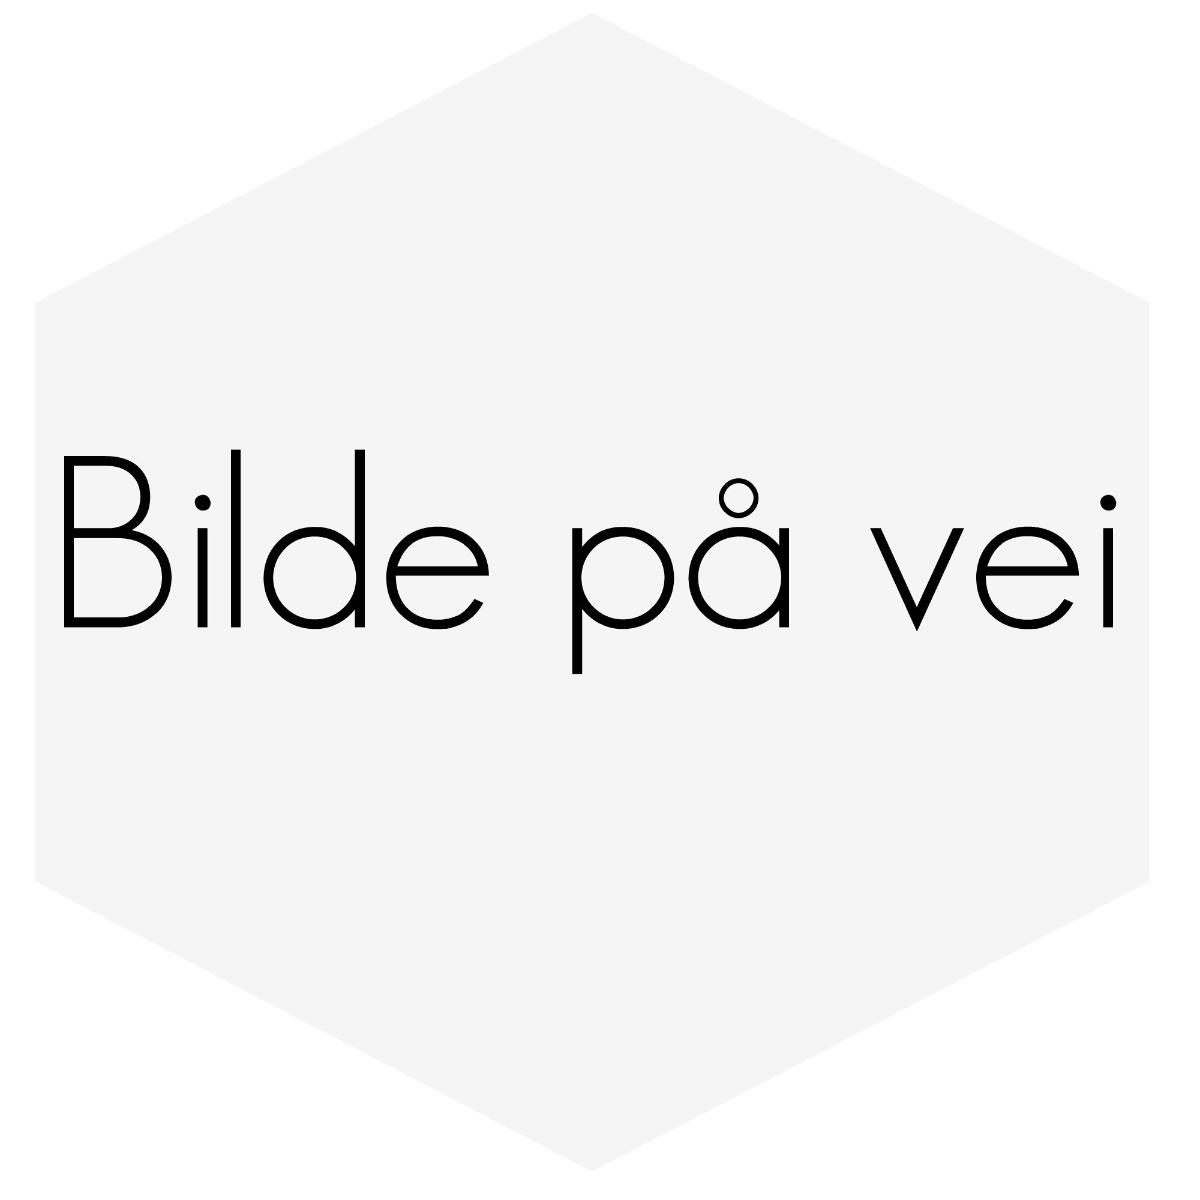 FORSKJERM 740>89 760>87   HØYRE SIDE1355060